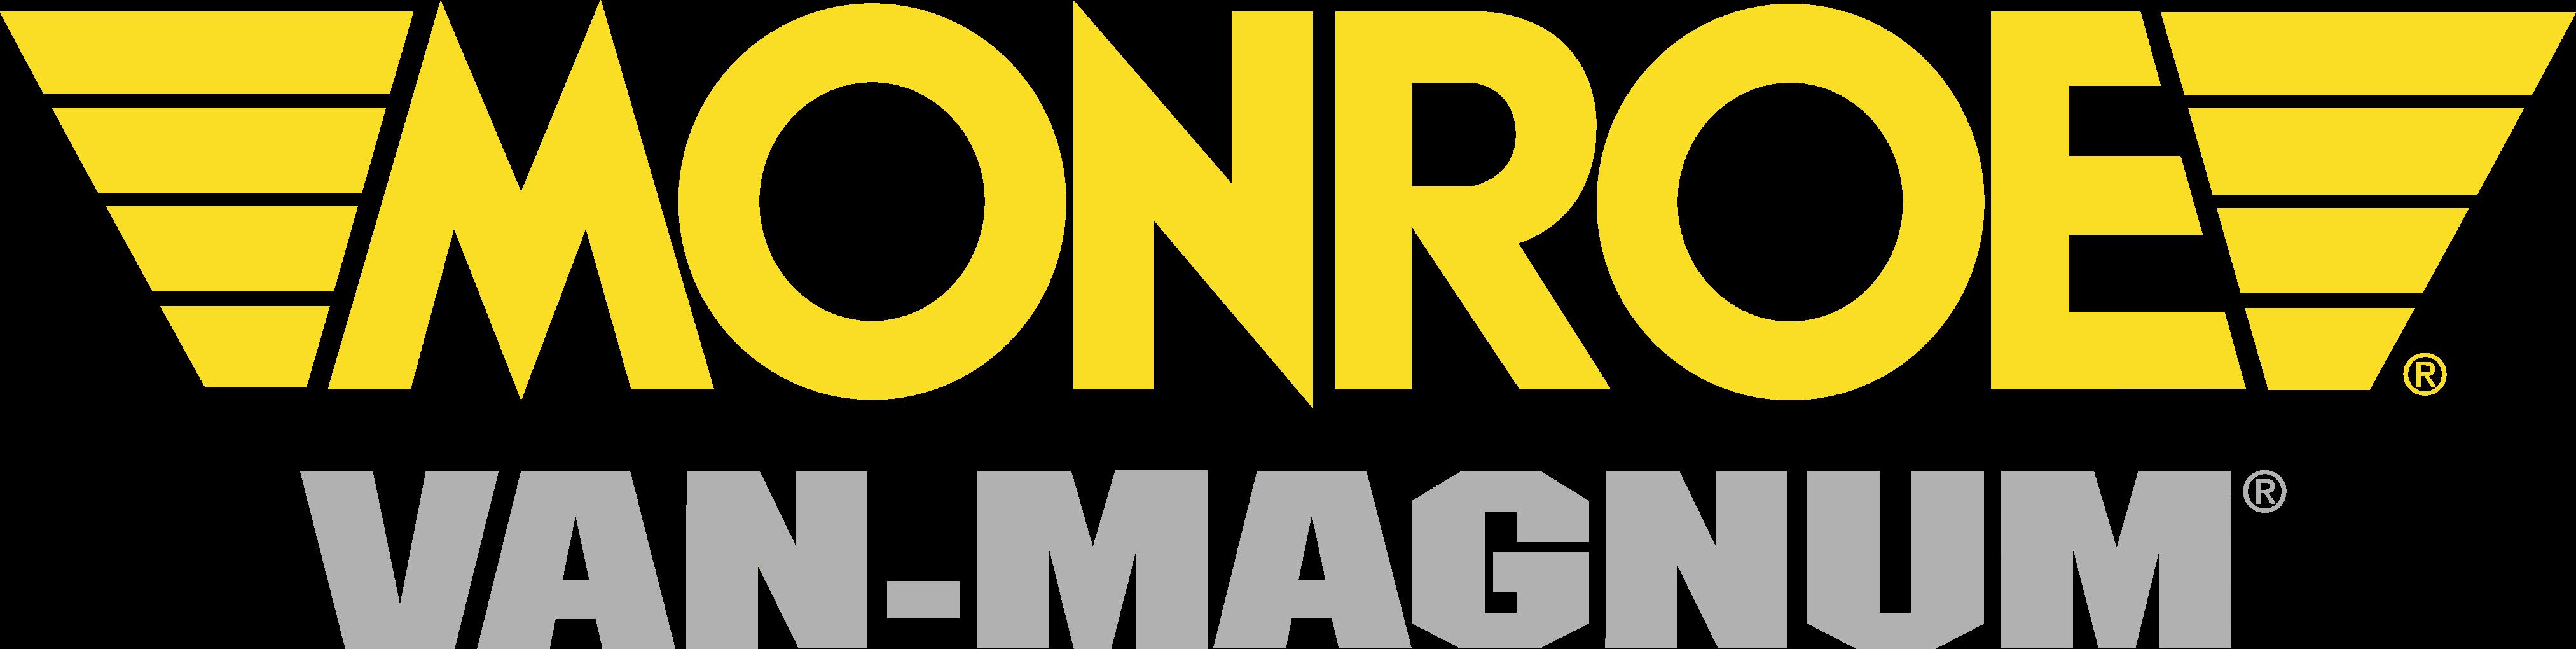 monroe-van